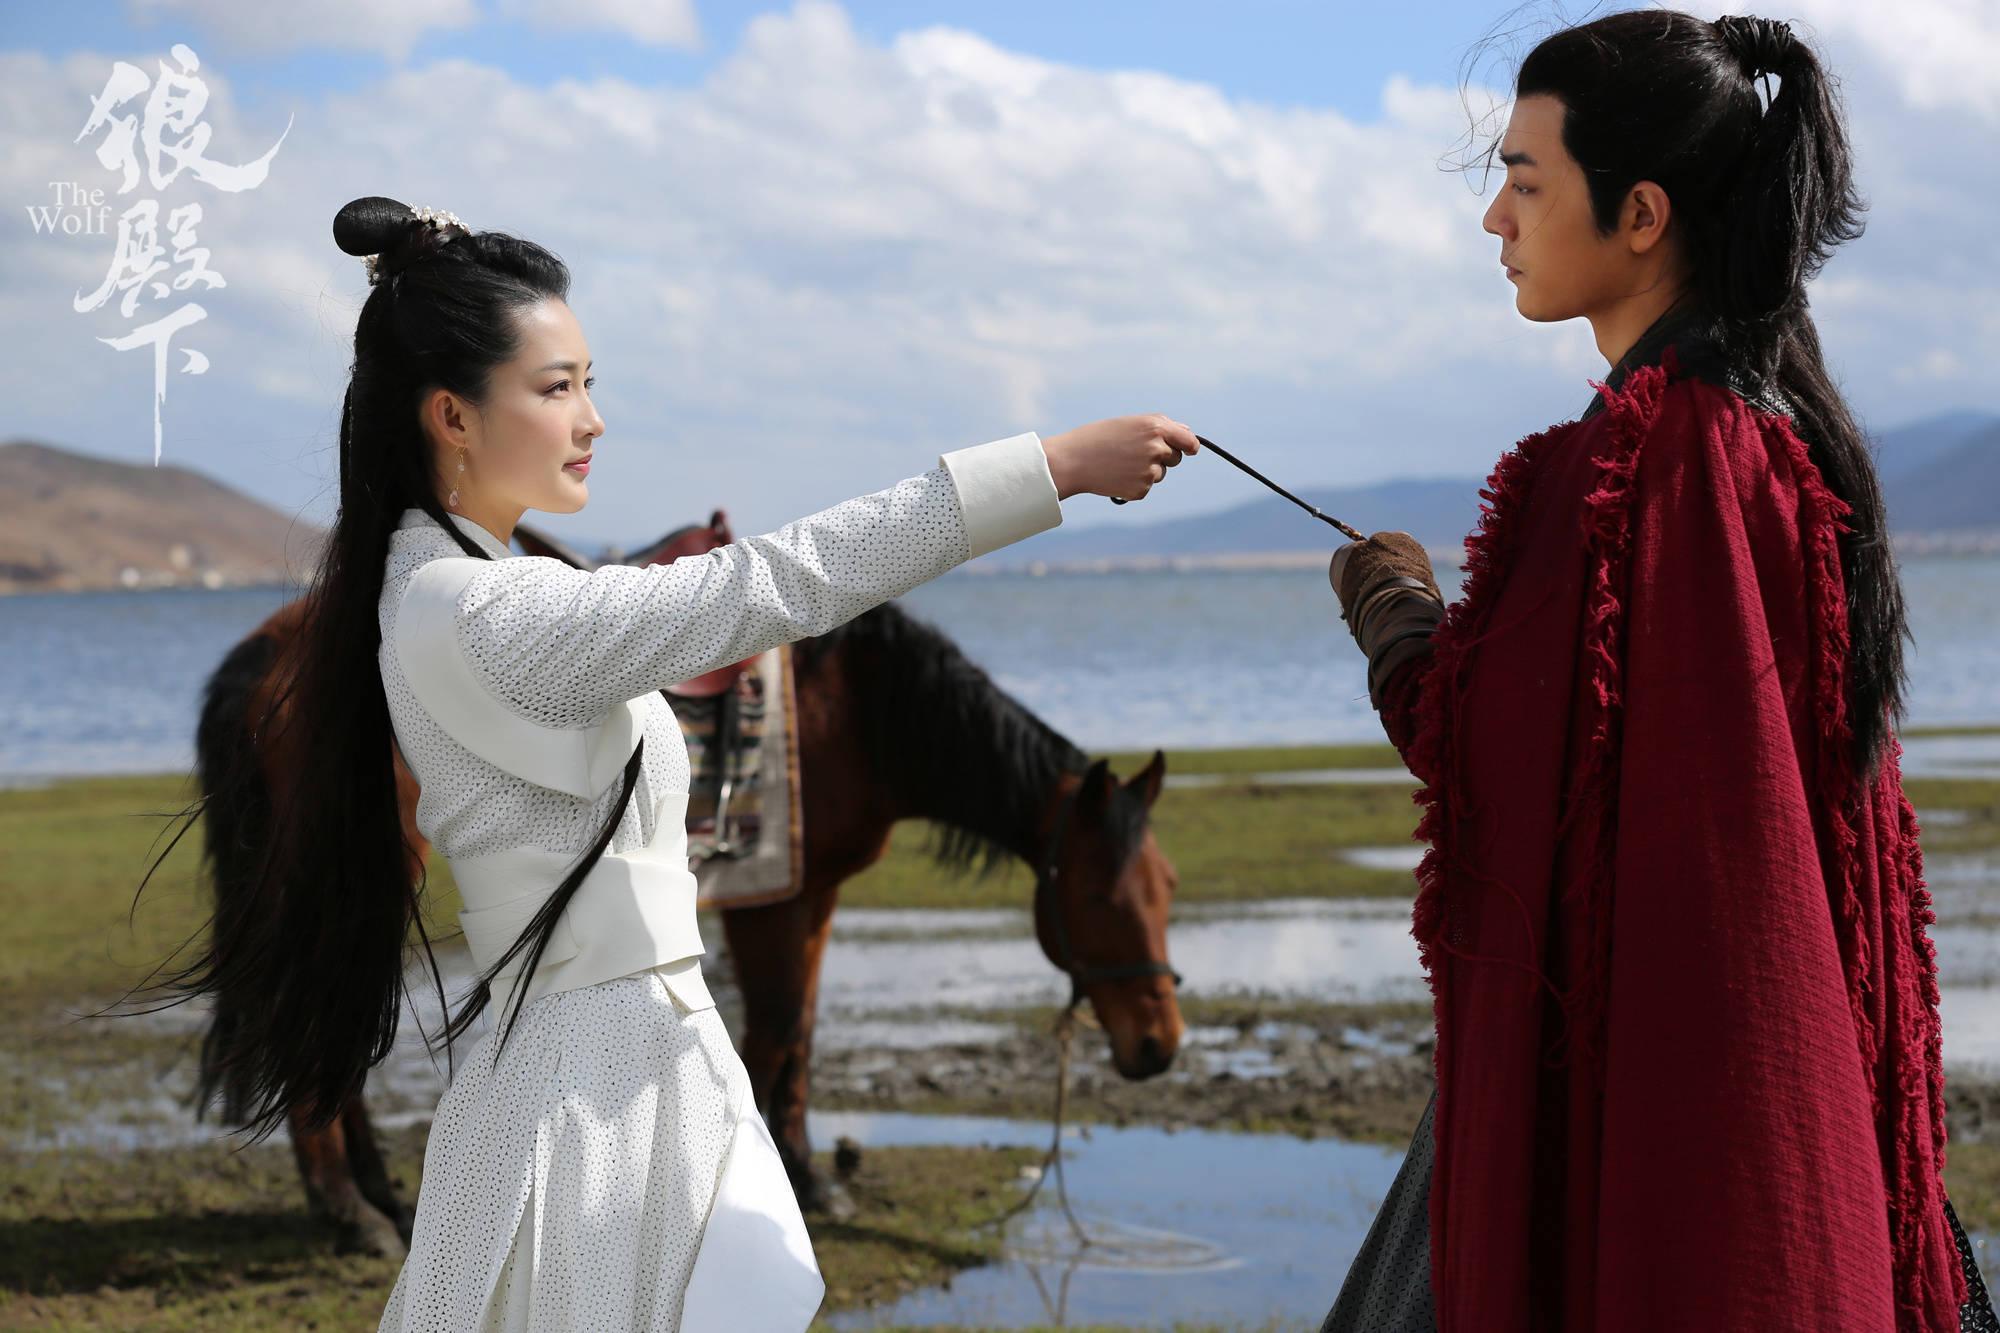 《狼殿下》这部剧由王大陆和李沁领衔主演